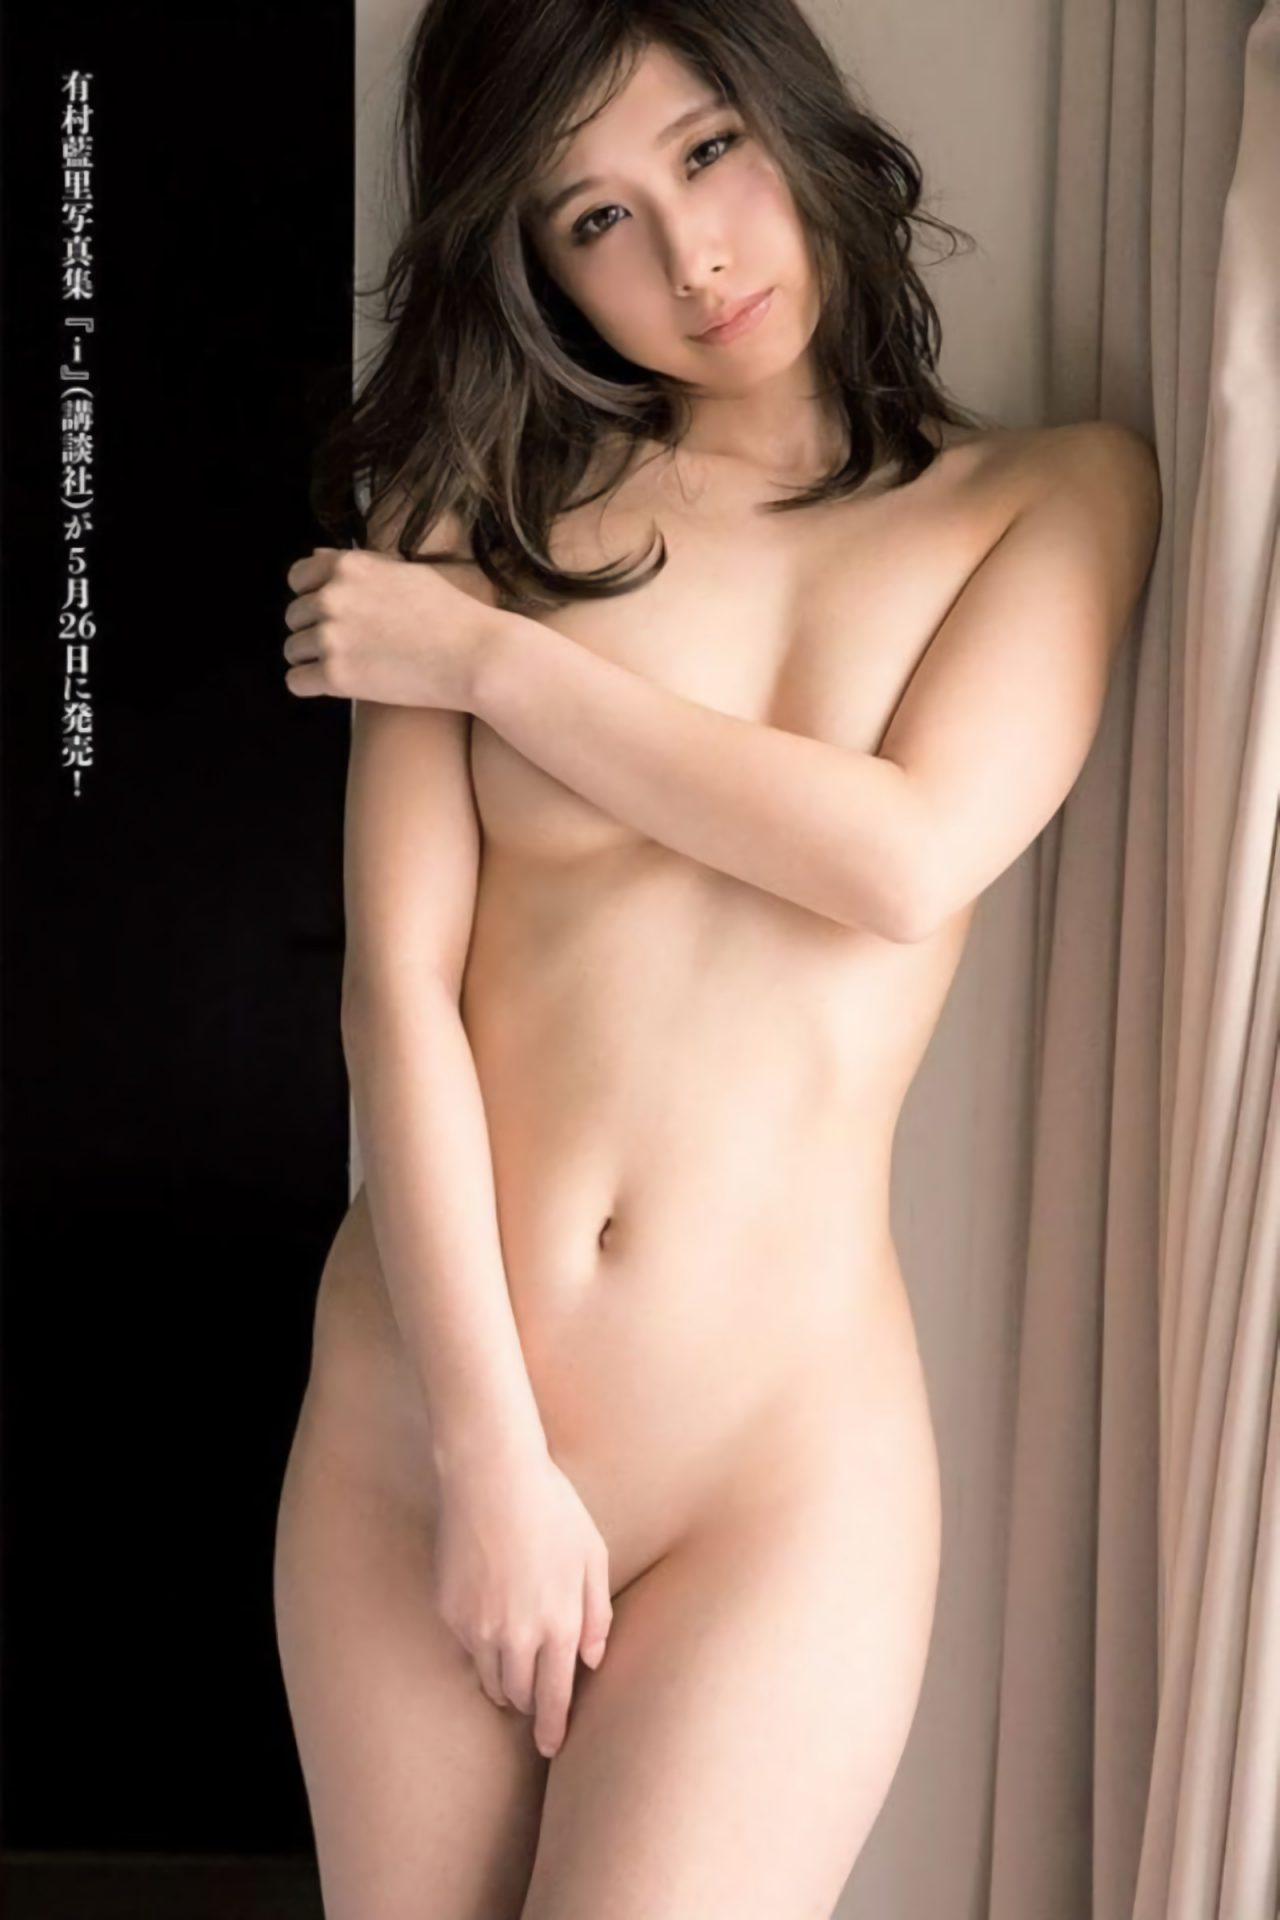 三次元 3次元 エロ画像 セミヌード べっぴん娘通信 23